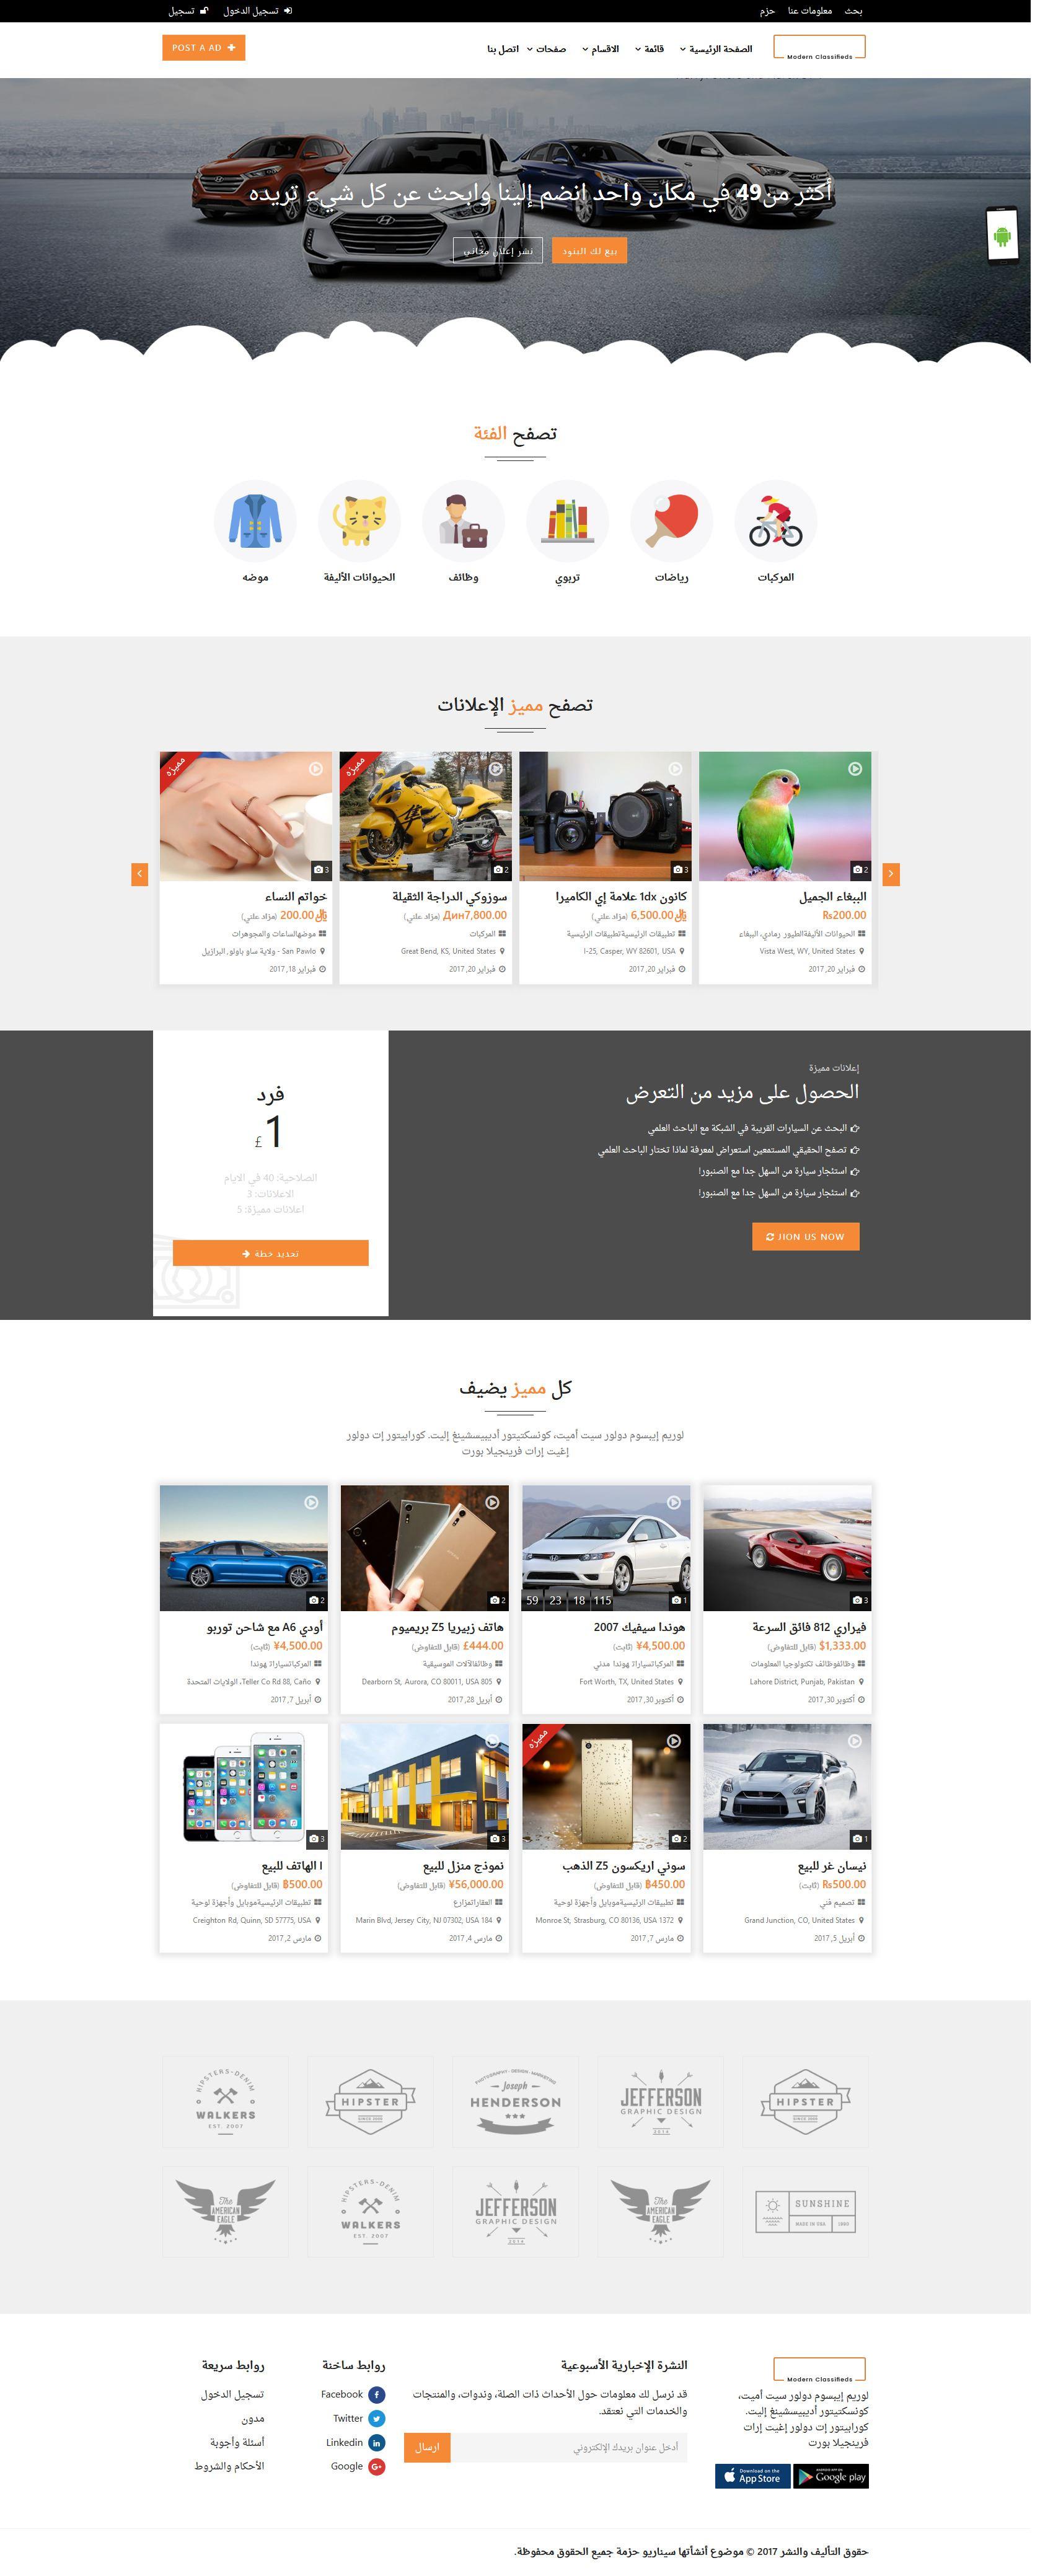 تصميم برنامج موقع سوق تسوق تسويق اعلانات مبوبة - صفحة موقع واجهة شاملة تصنيفات وعروض اعلانية 4